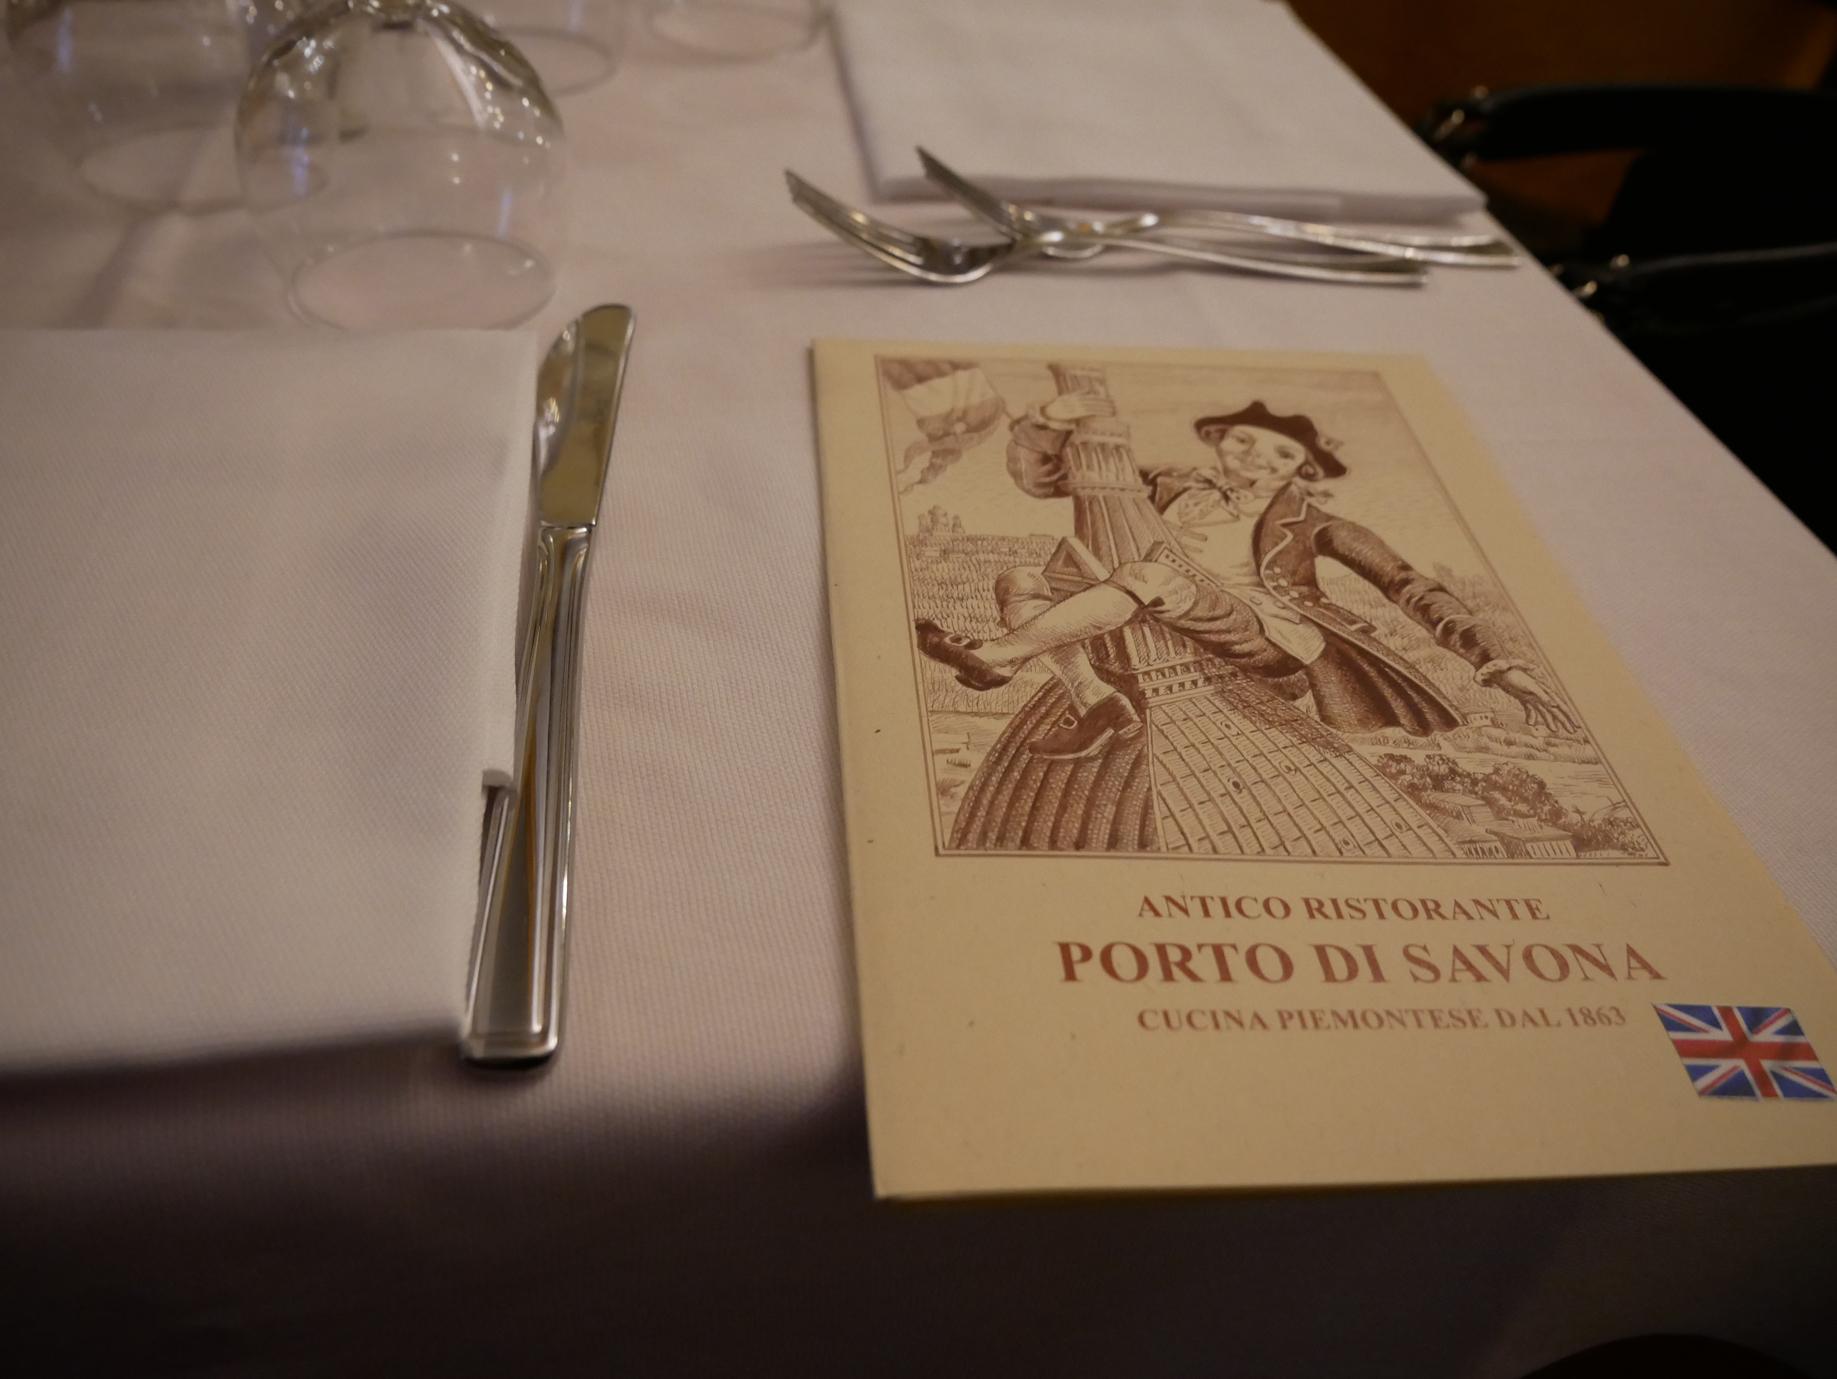 Porto di Savona menu